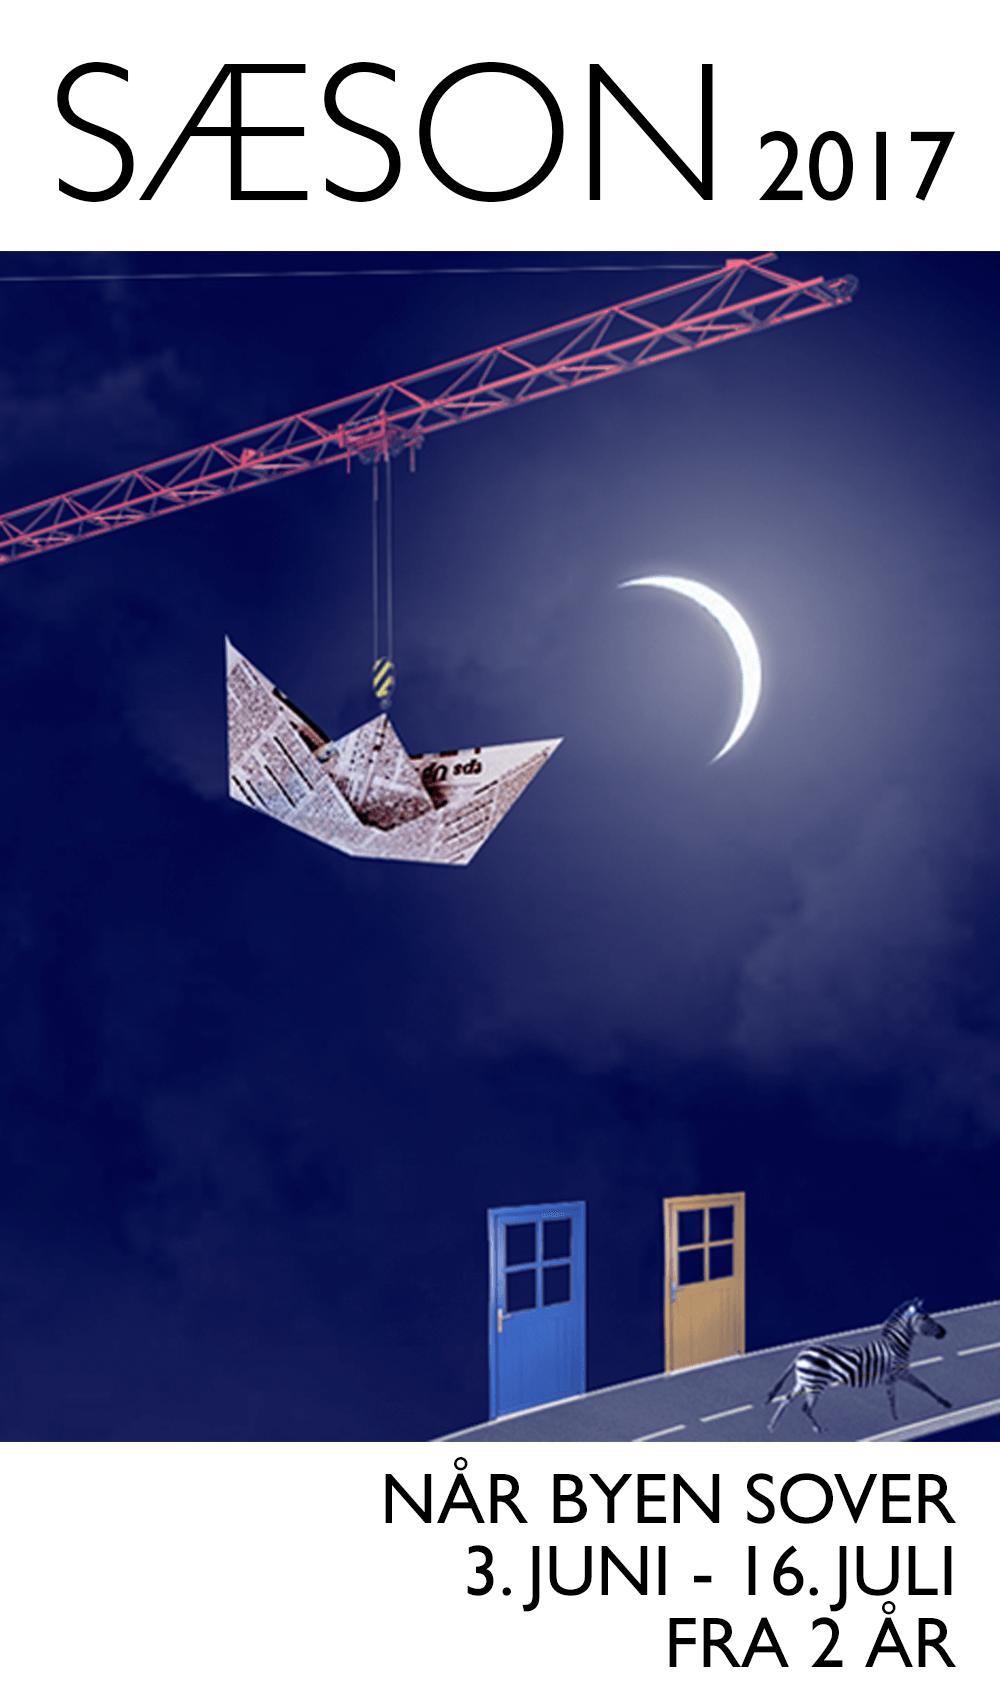 Anmeldelse: Når byen sover, Marionetteatret